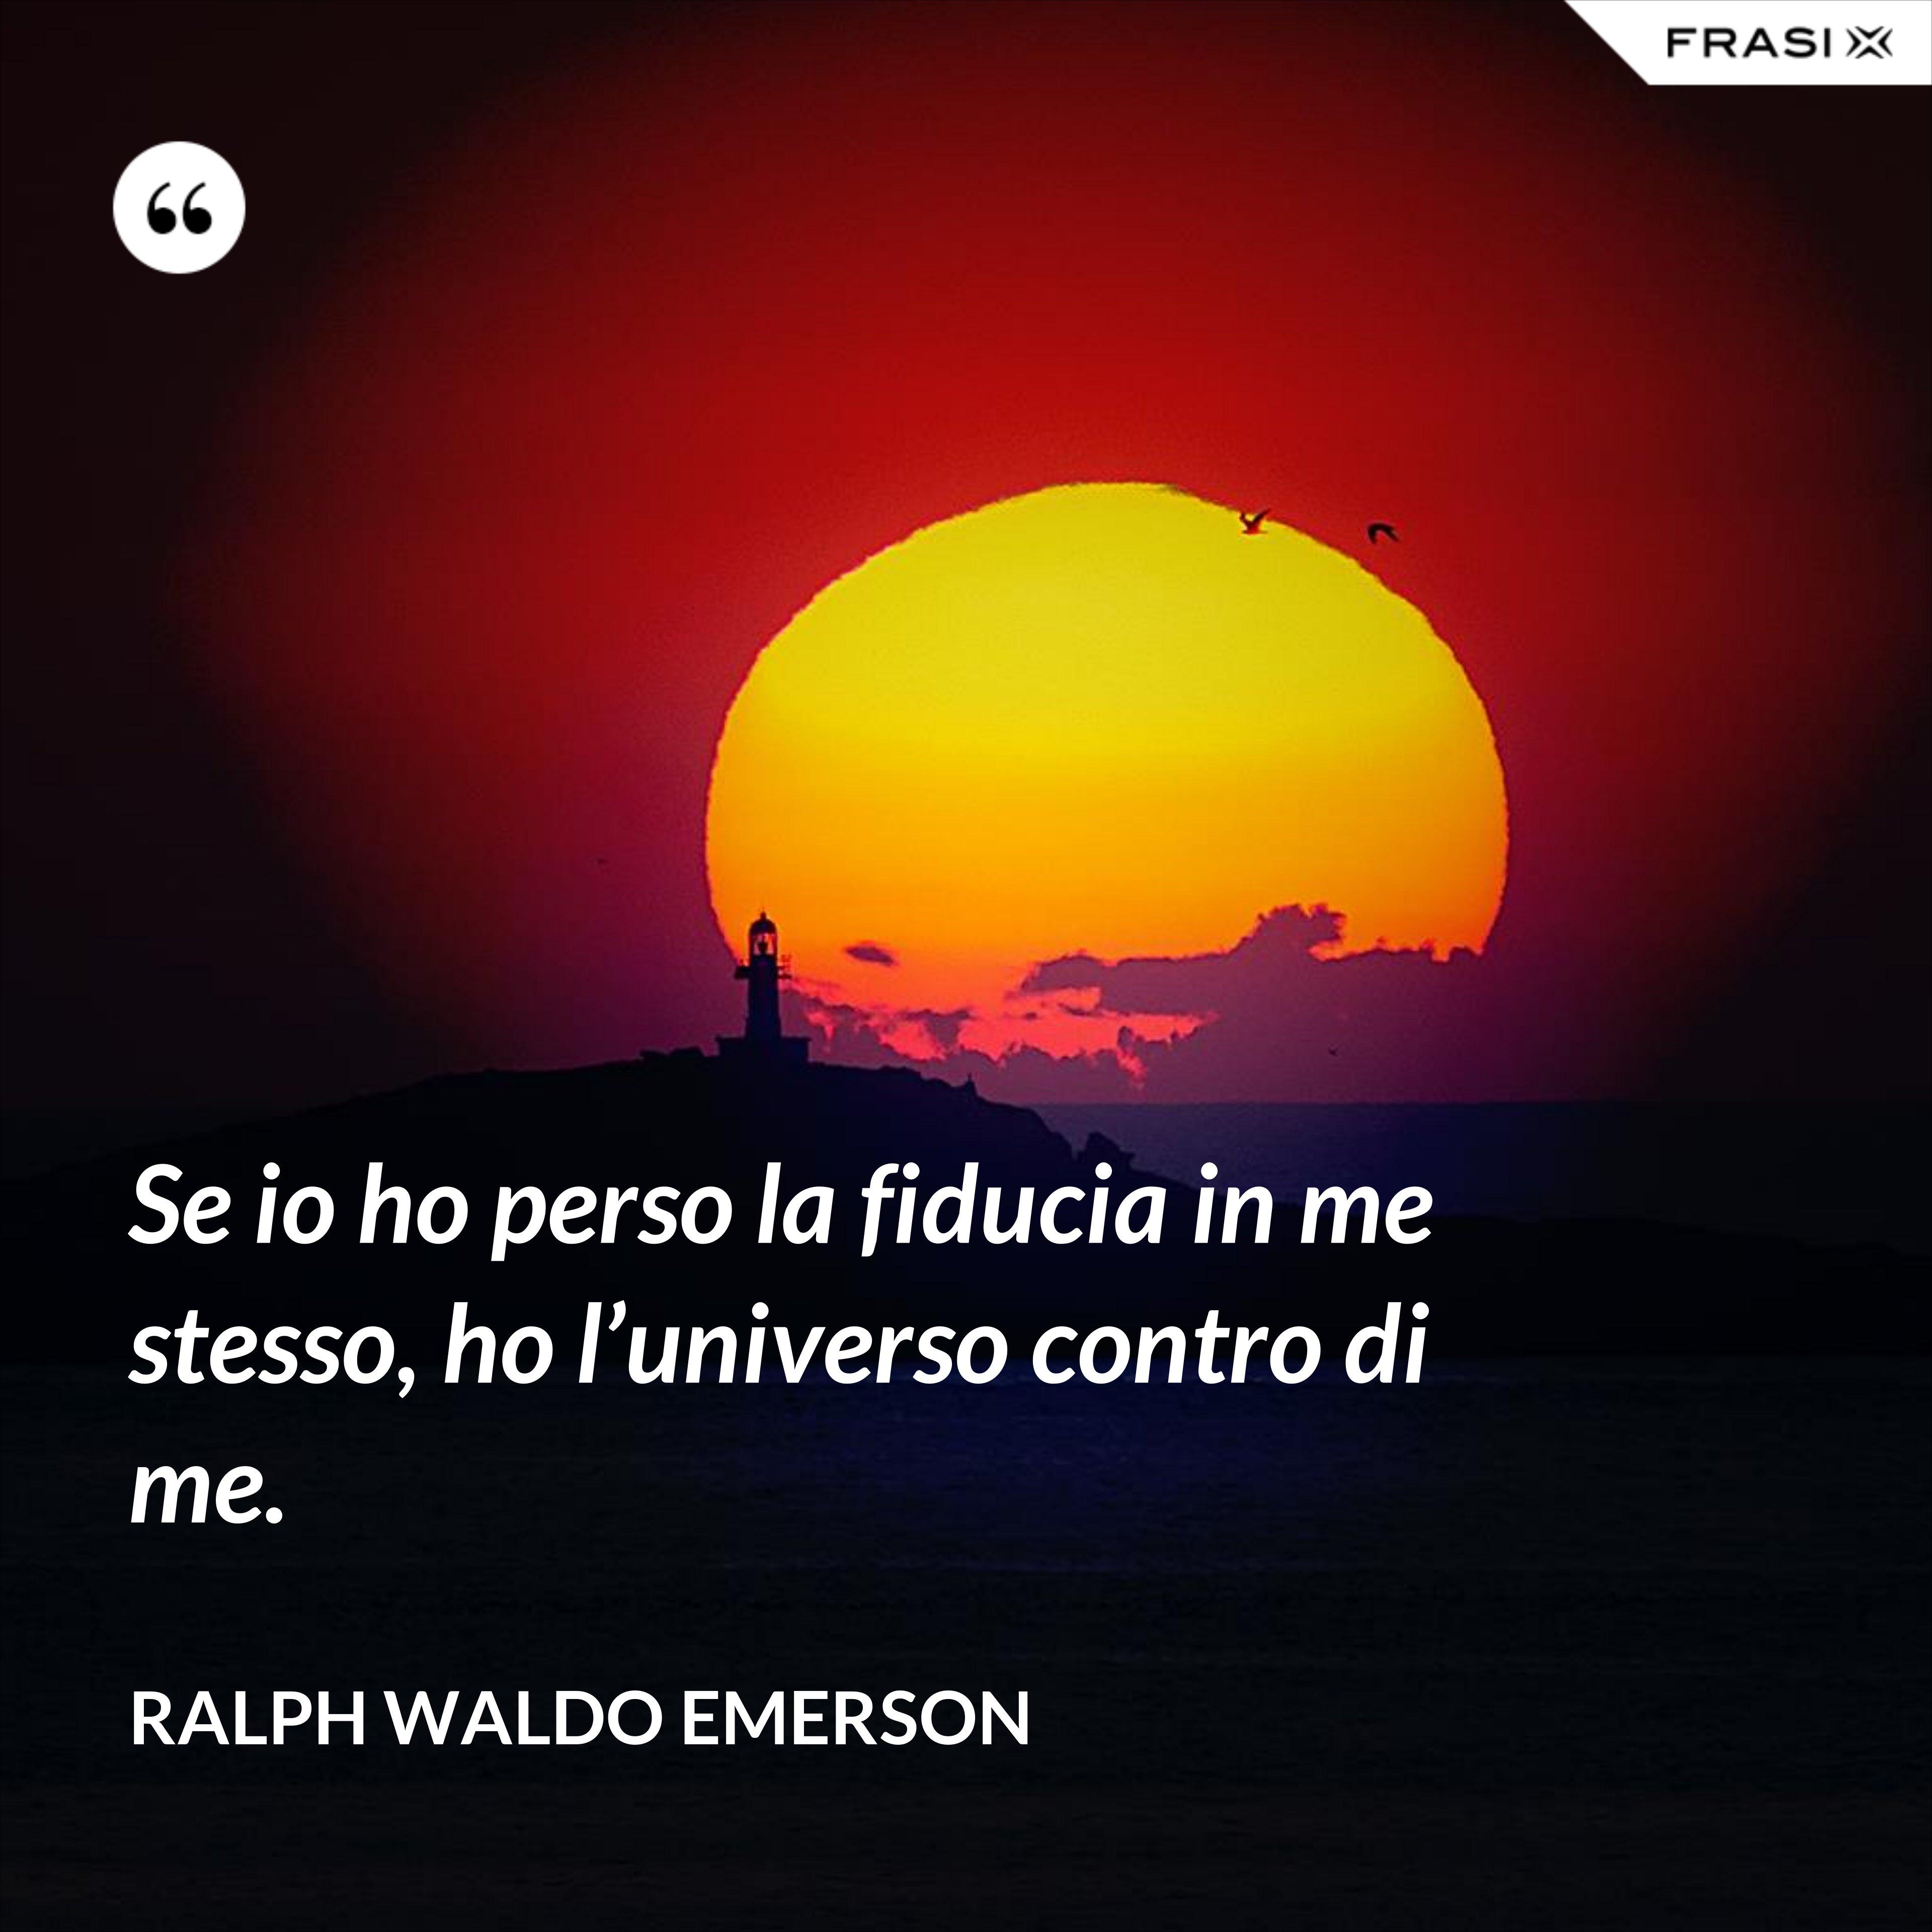 Se io ho perso la fiducia in me stesso, ho l'universo contro di me. - Ralph Waldo Emerson